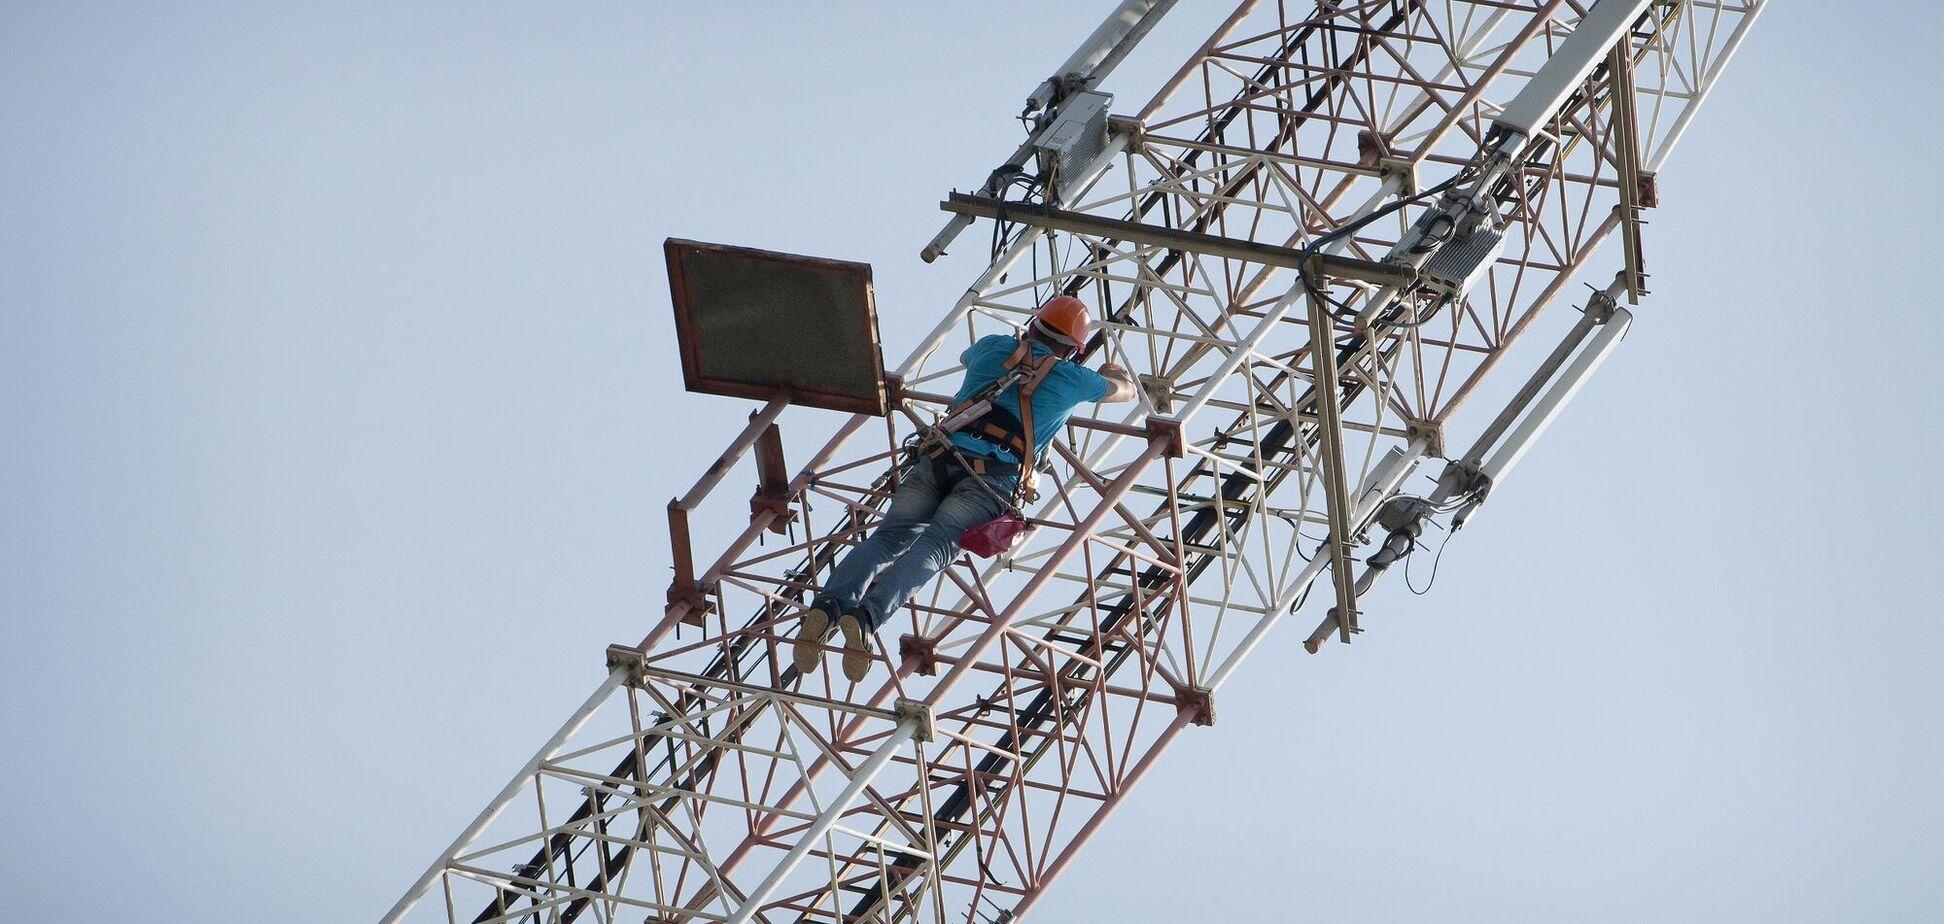 'Київстар' заявив про покращення якості 4G в приміщеннях